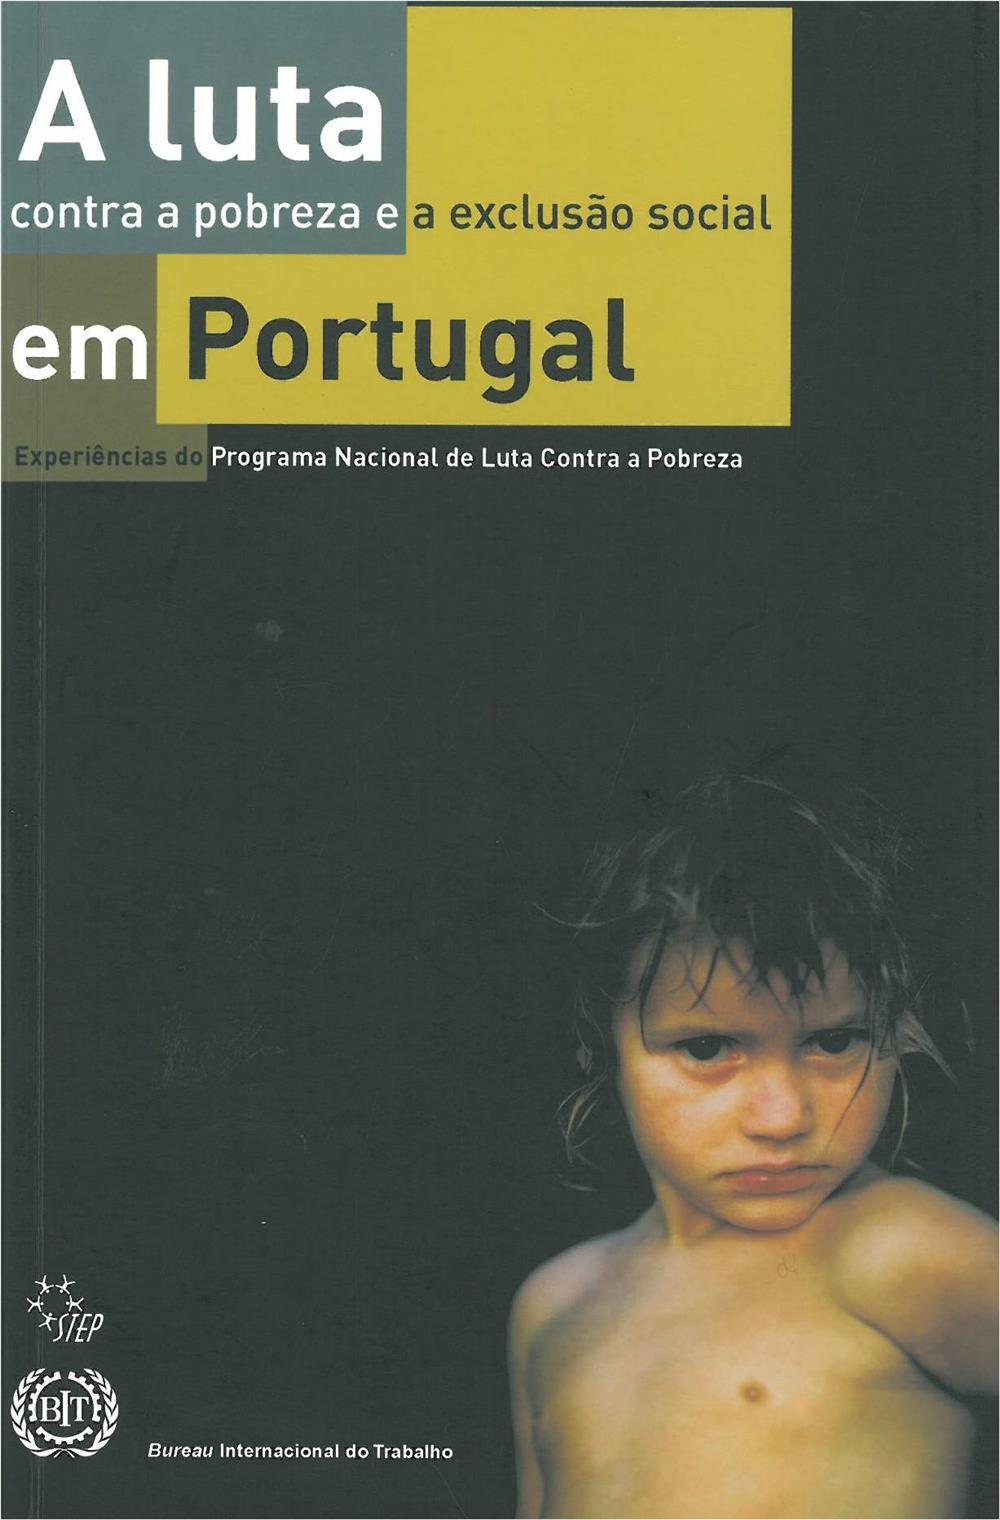 A luta contra a pobreza e a exclusão social em Portugal.jpg